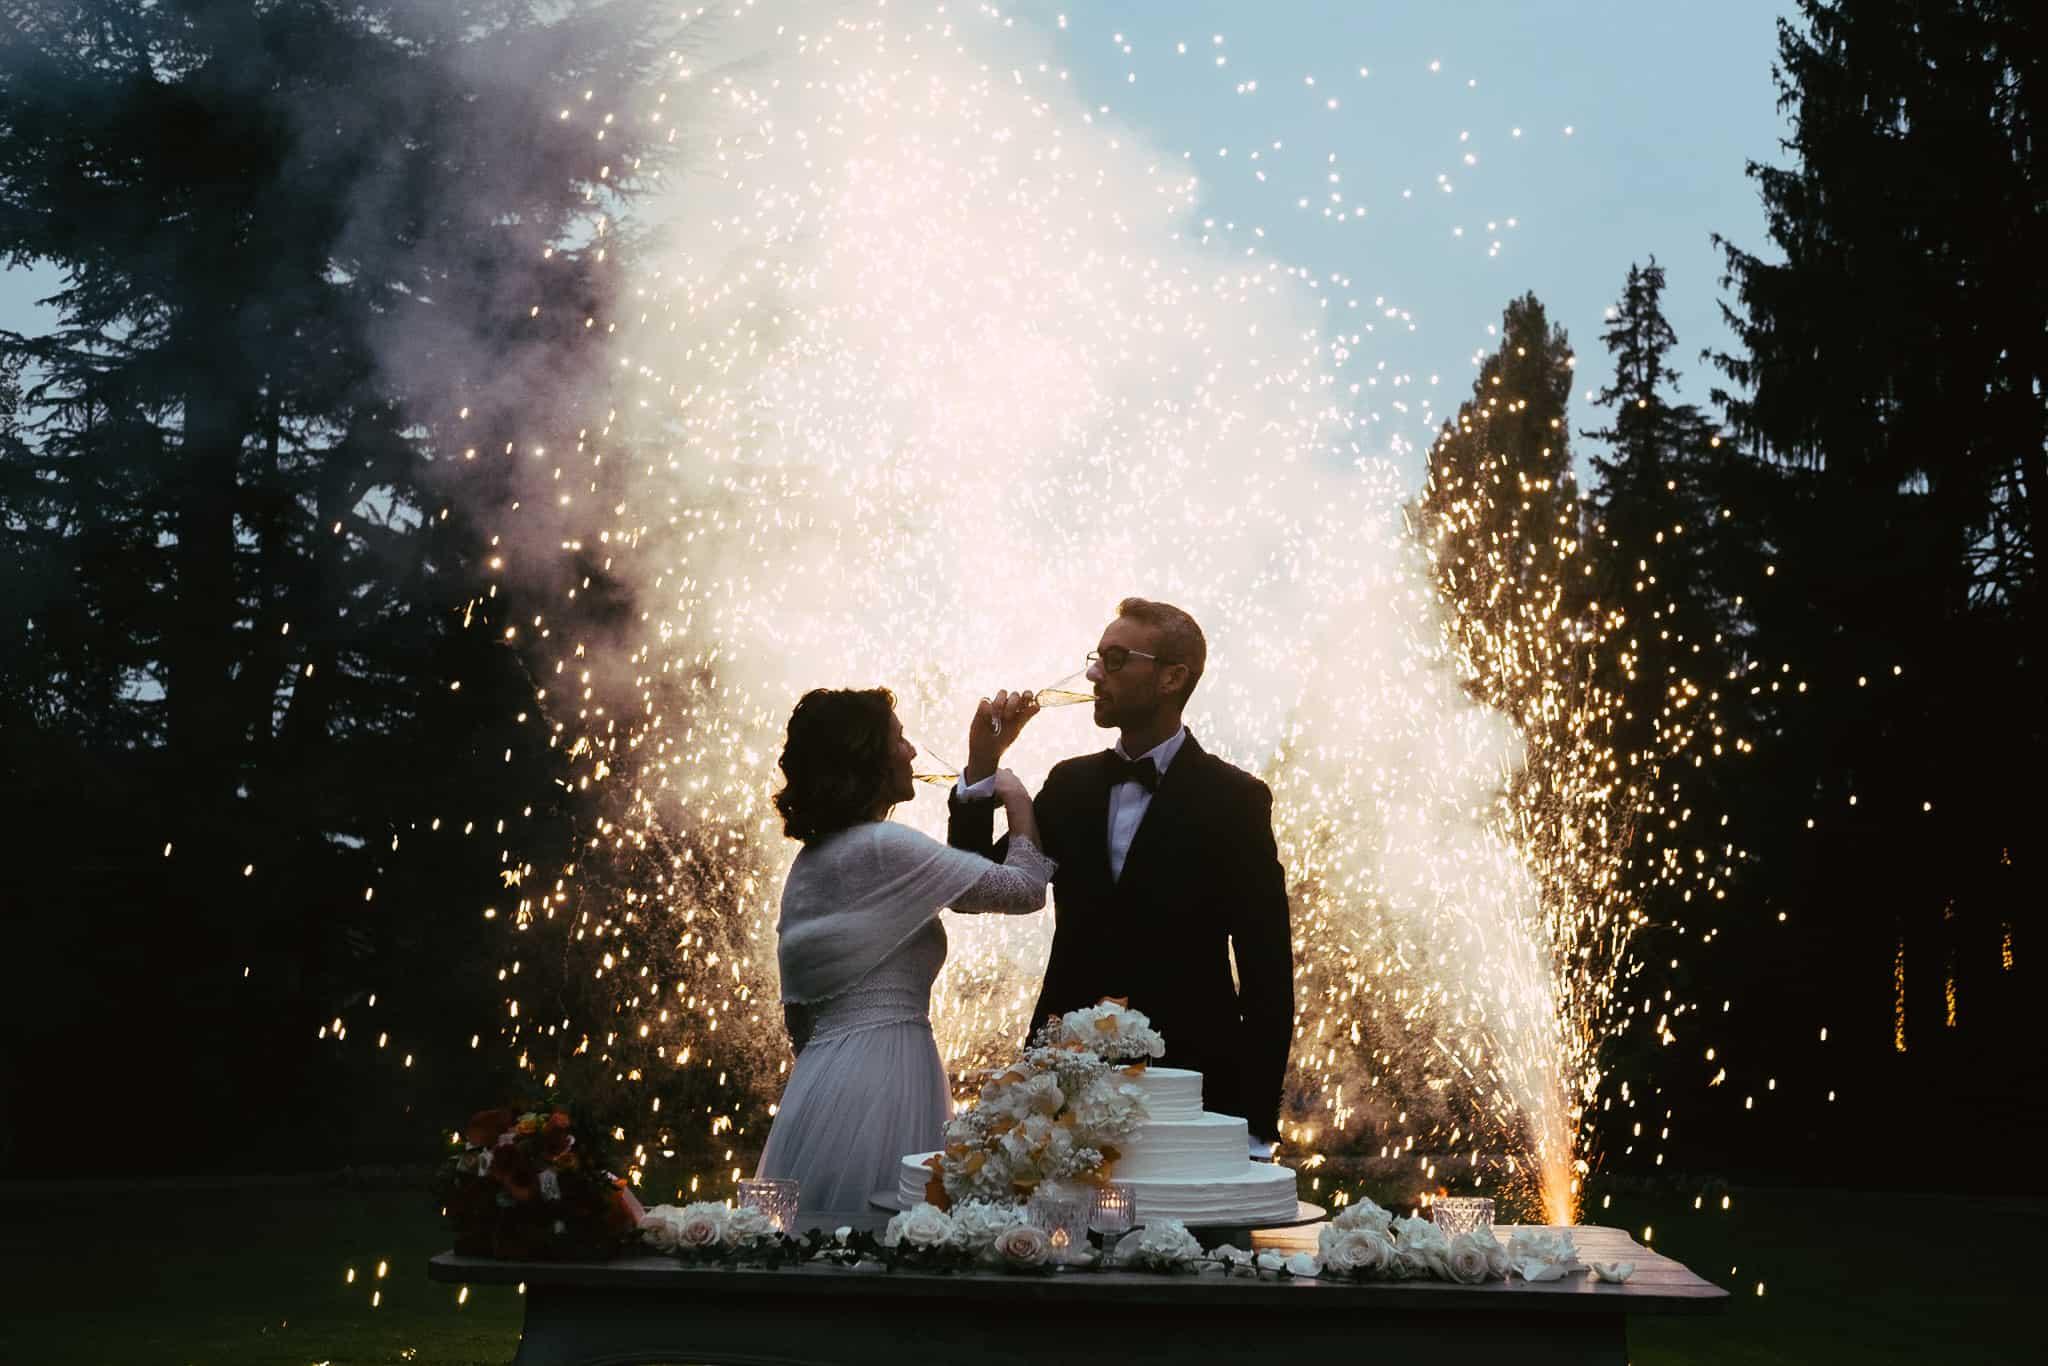 matrimonio villa acquaroli Lucarossifoto 41